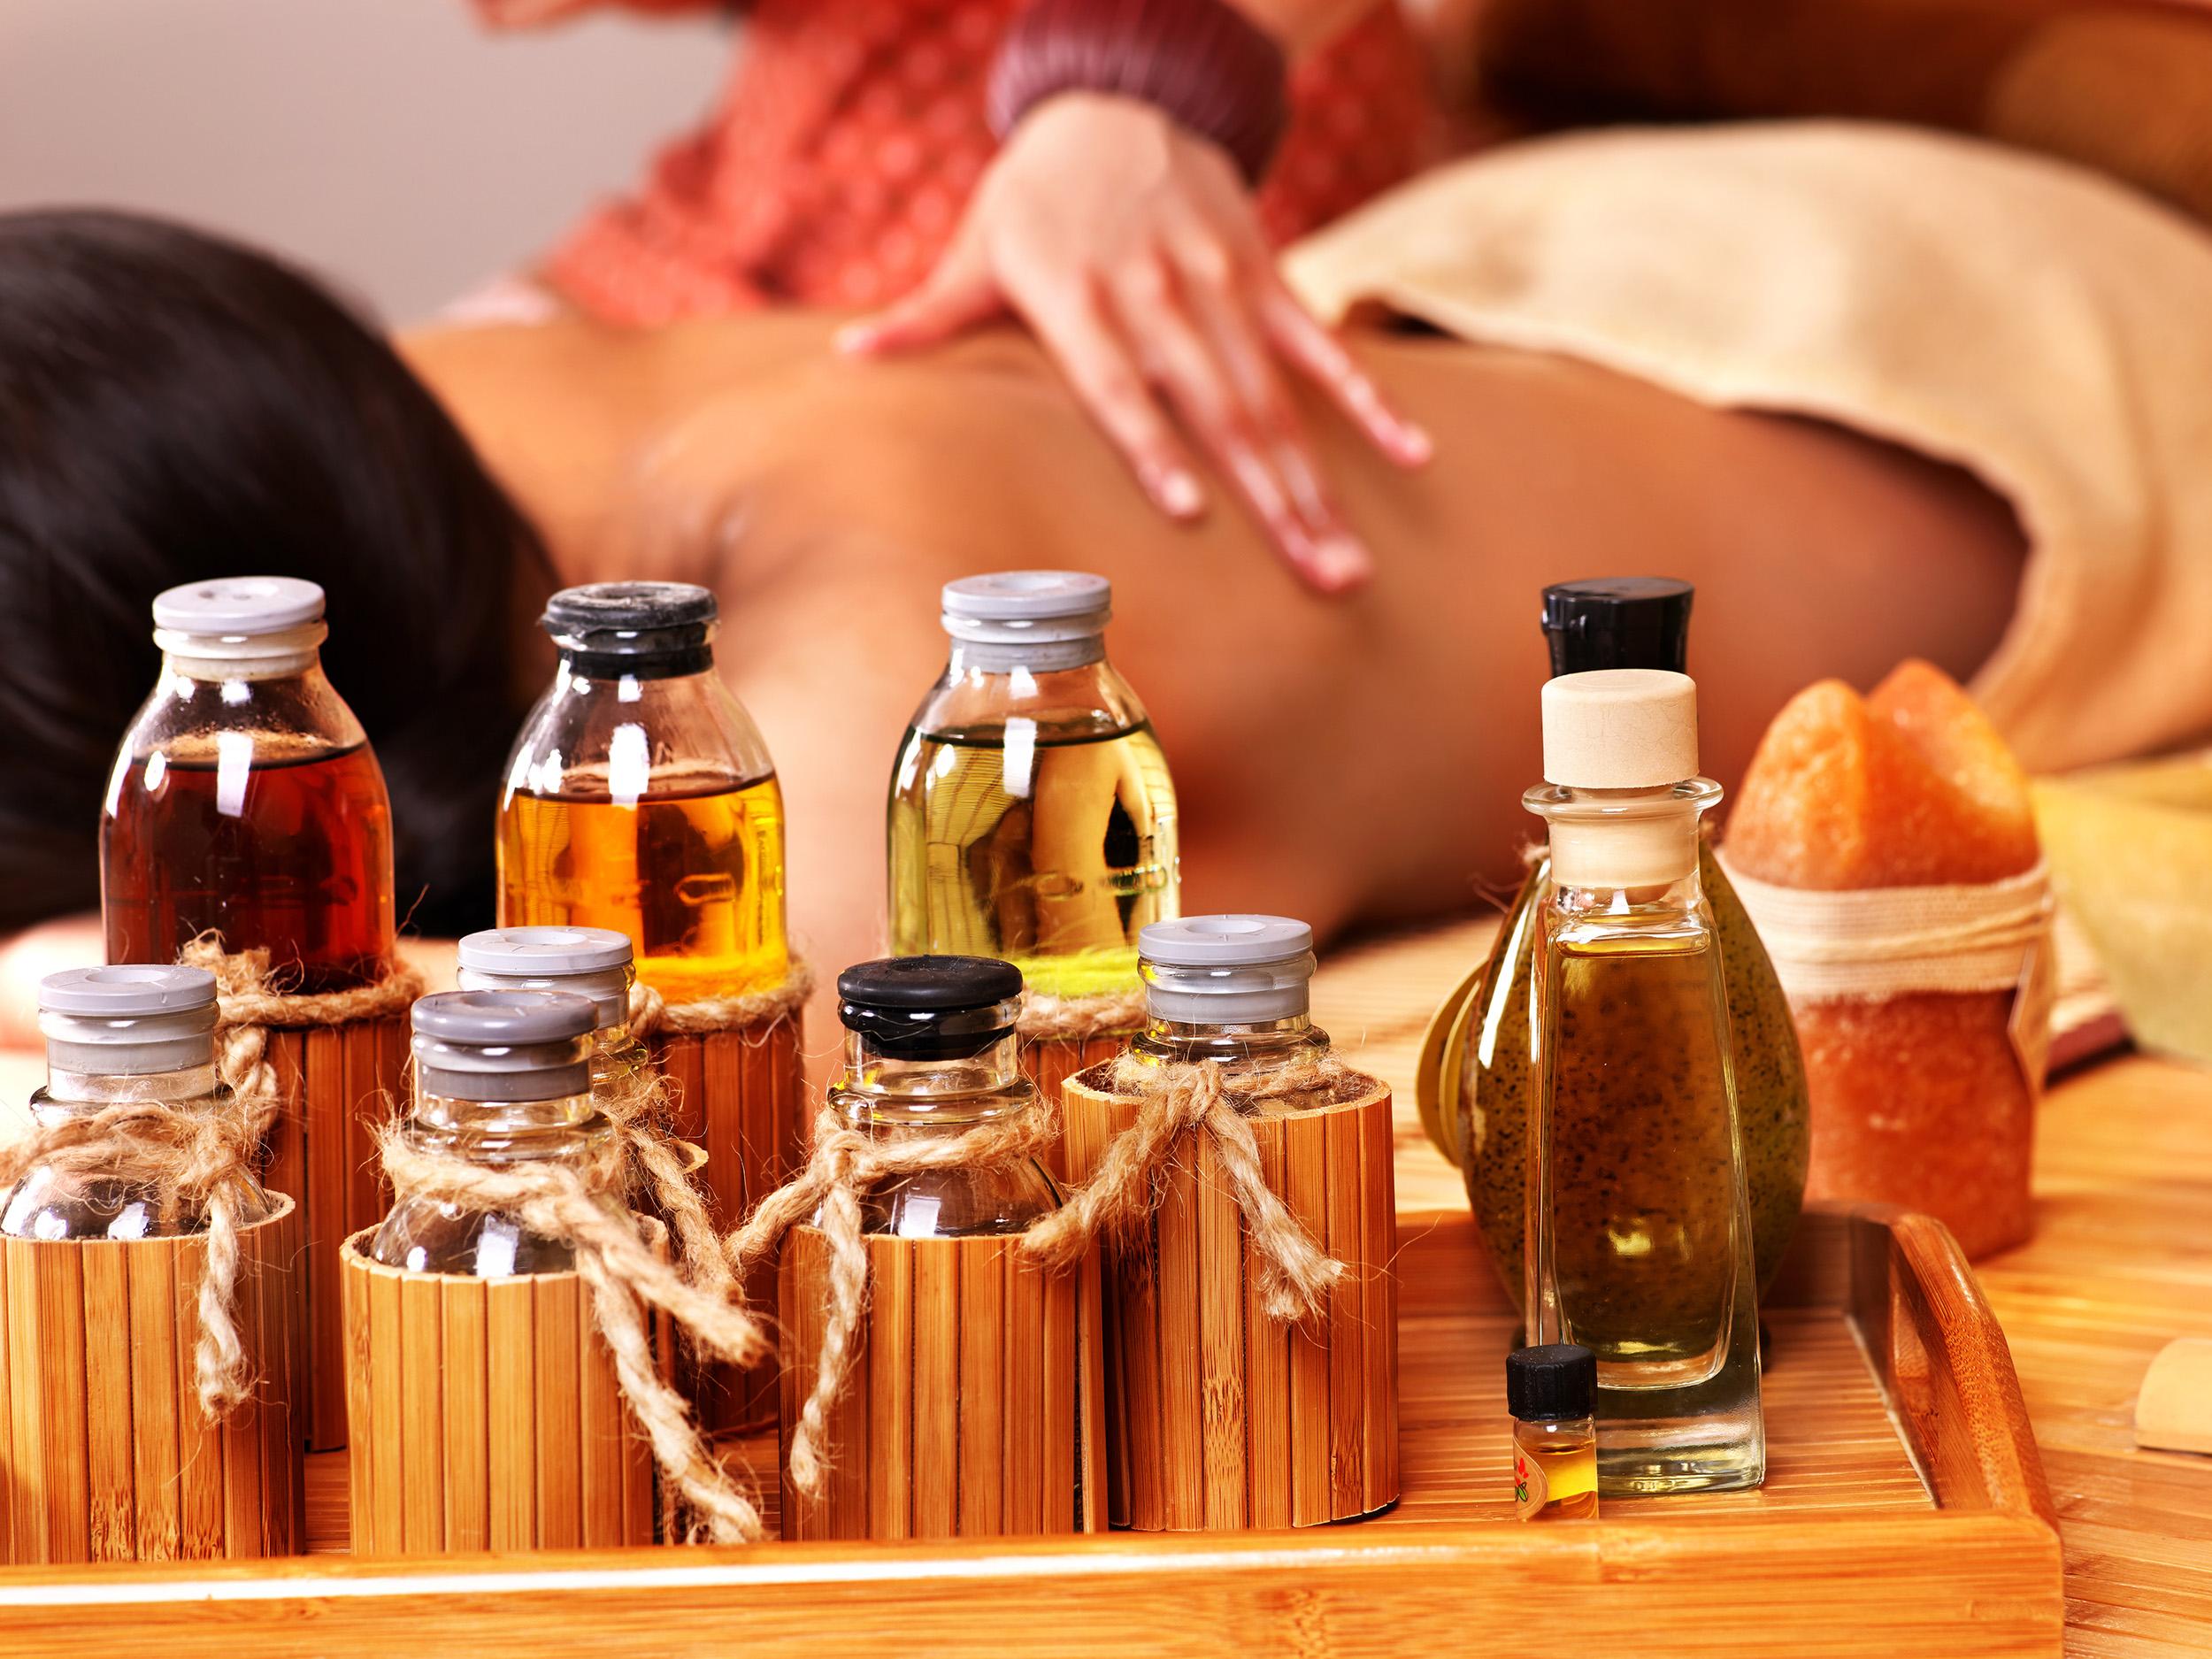 Mujer recibiendo masaje en spa de bambú con aceites esenciales..